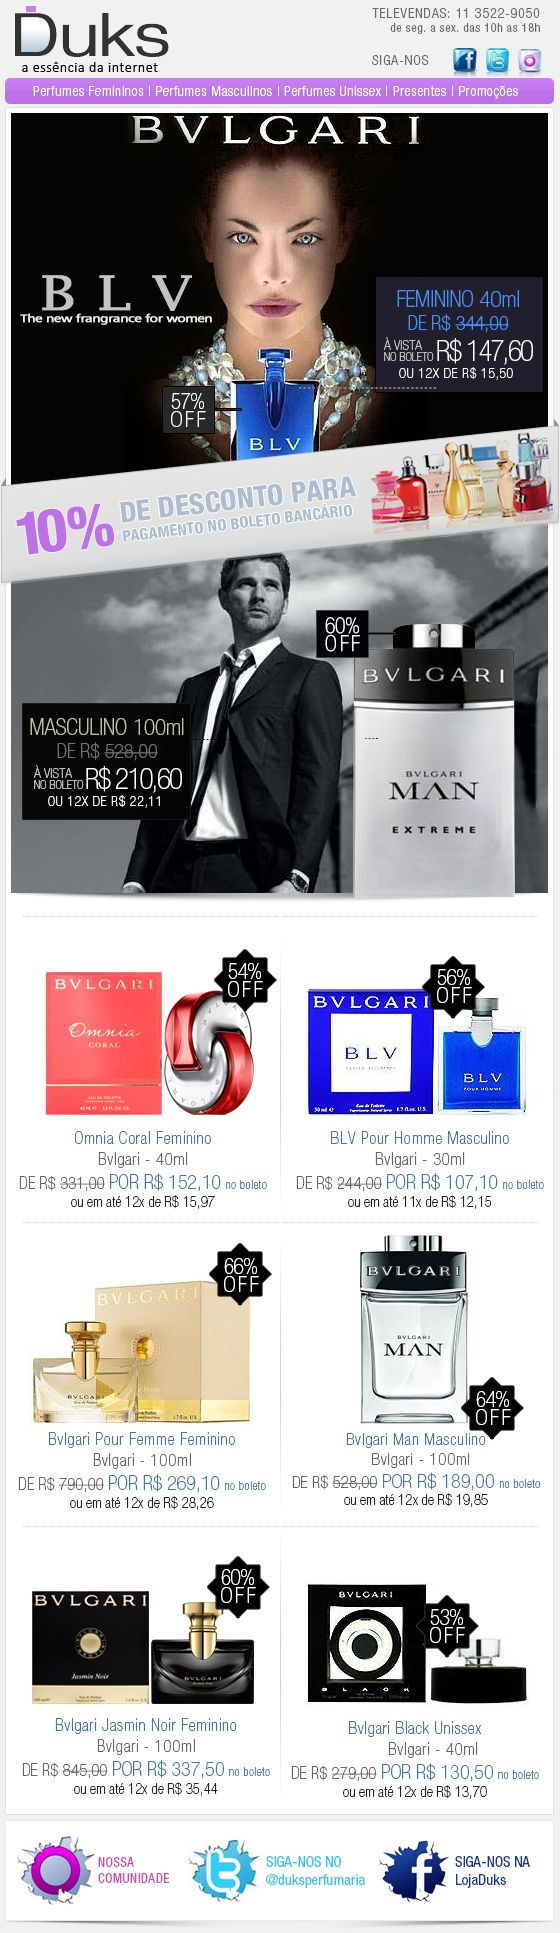 E-mail Marketing Duks Perfumes Promoção 18/10/2013 http://www.duks.com.br/sistema/custom.asp?IDLoja=11220&arq=emkt_10_18.htm&int=1&origem=emailmkt